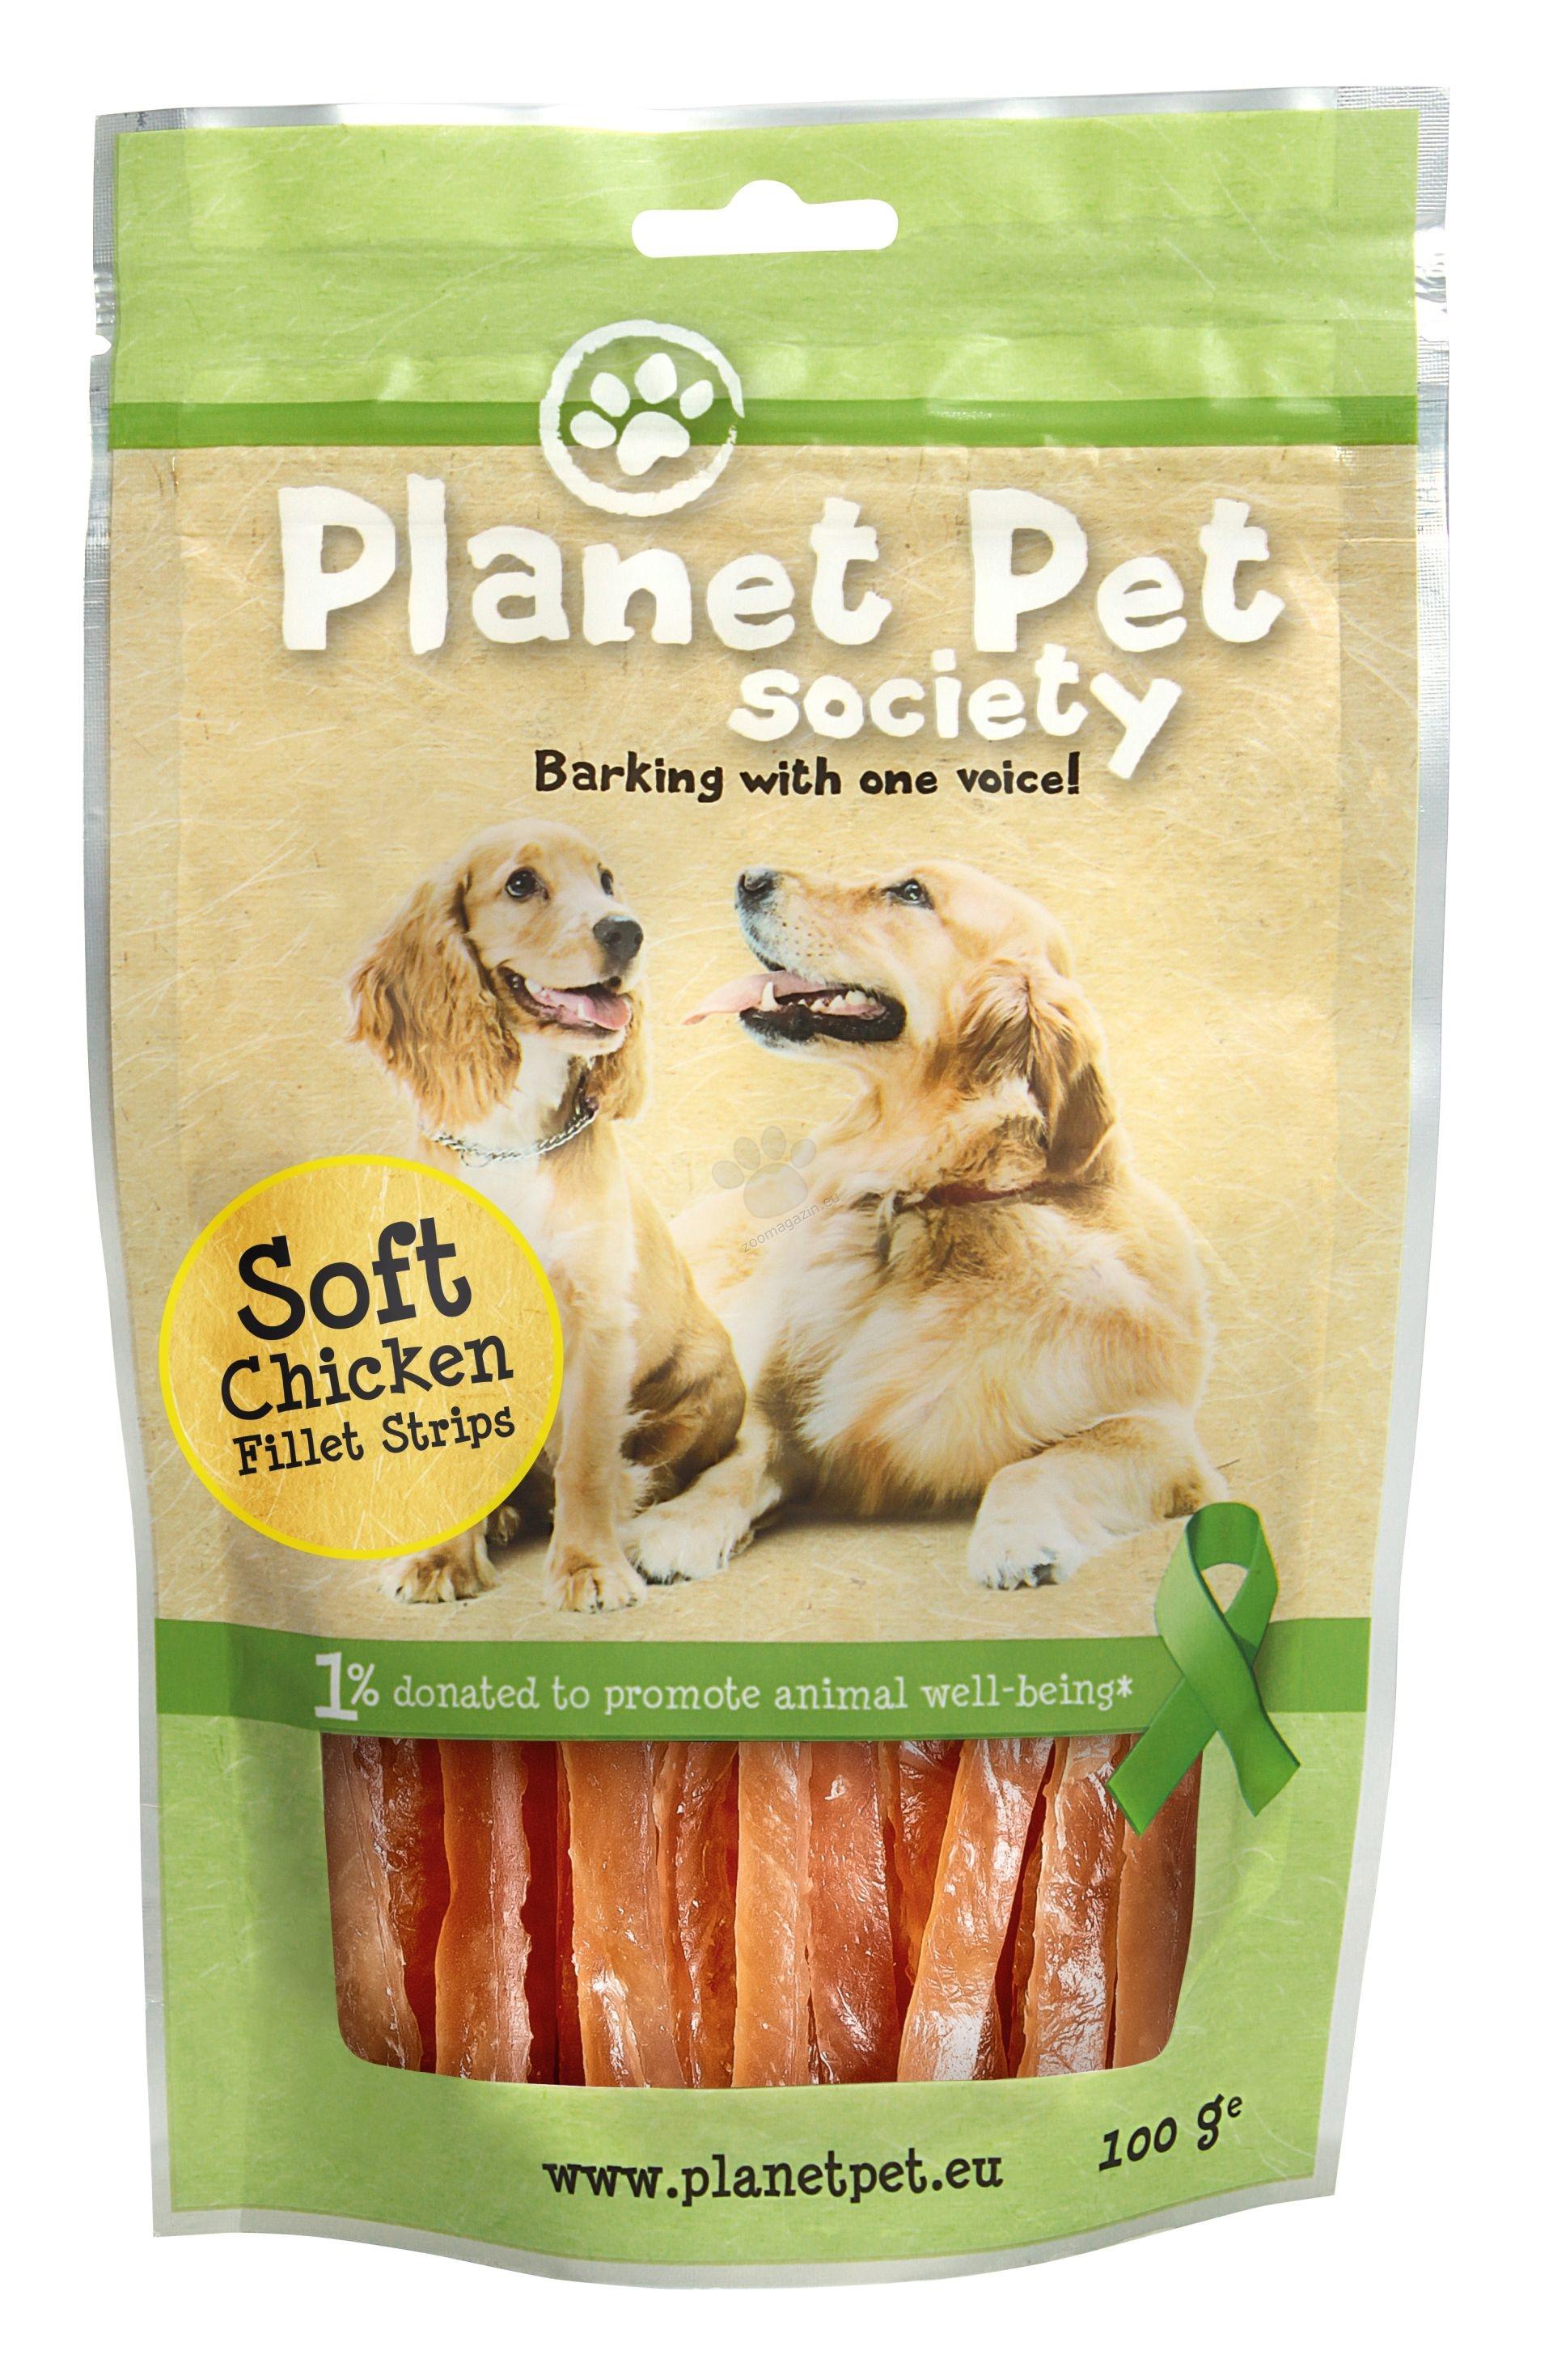 Planet Pet Soft Chicken Fillet Strips - натурални ленти пилешки филенца 100 гр.